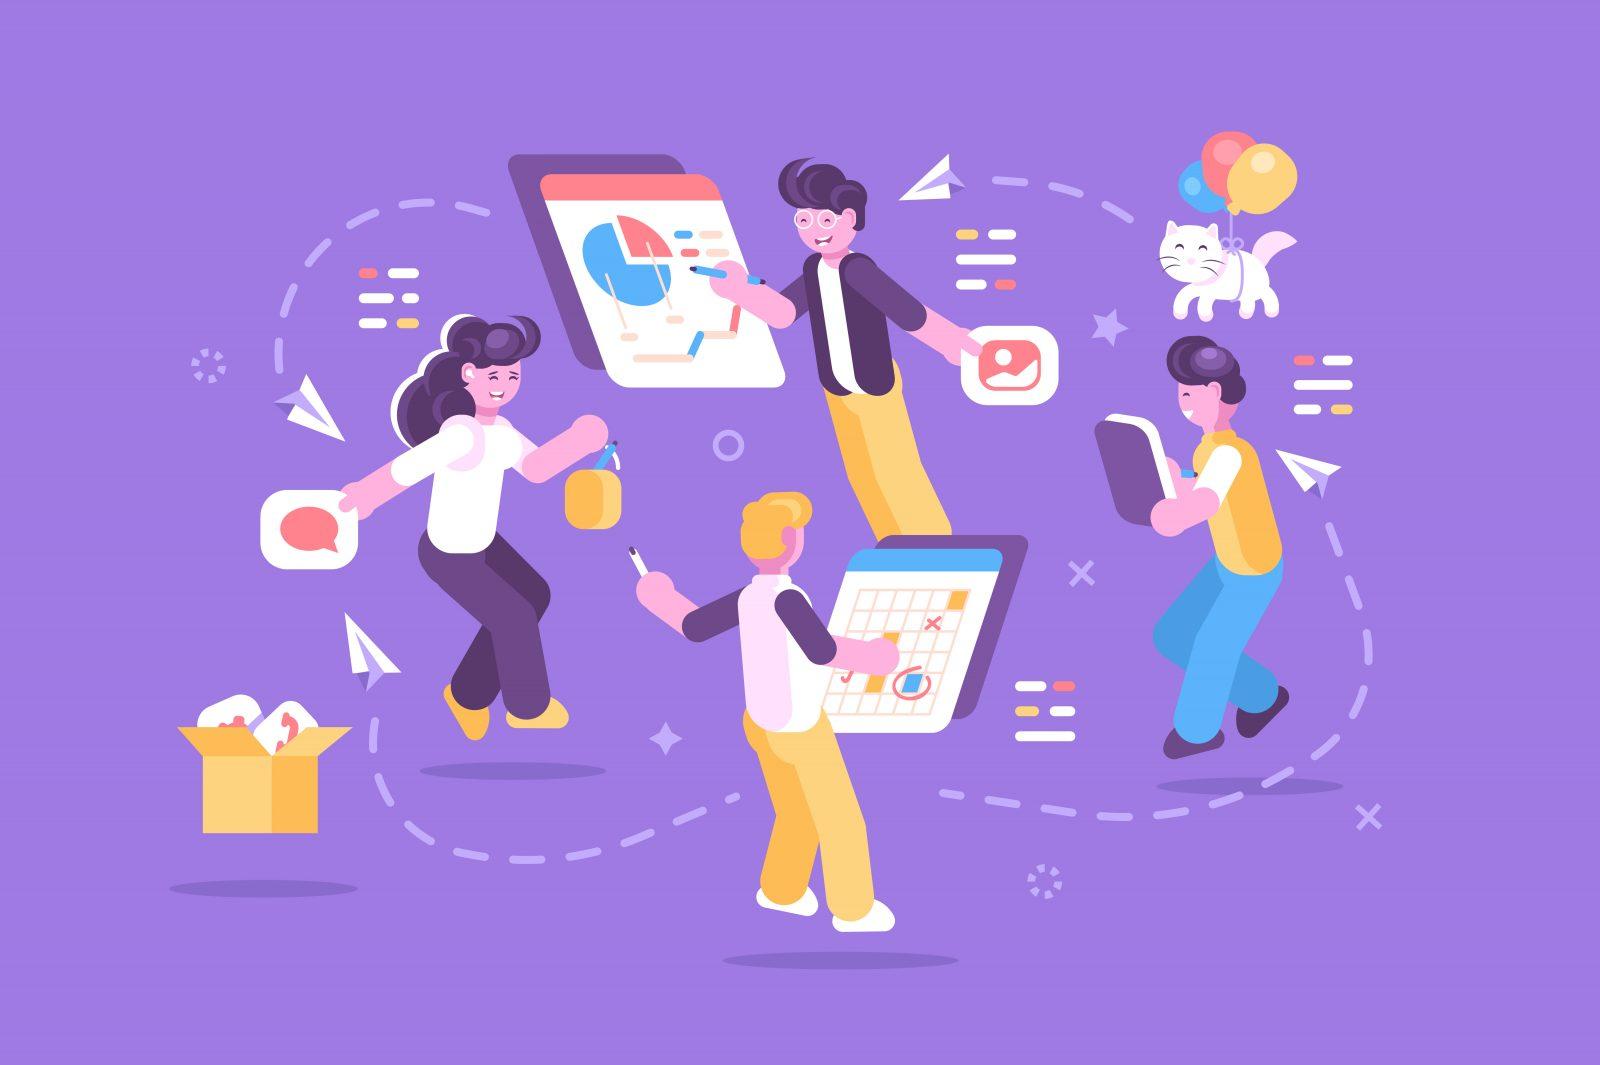 ¿Cómo delegar tareas para aumentar la productividad?